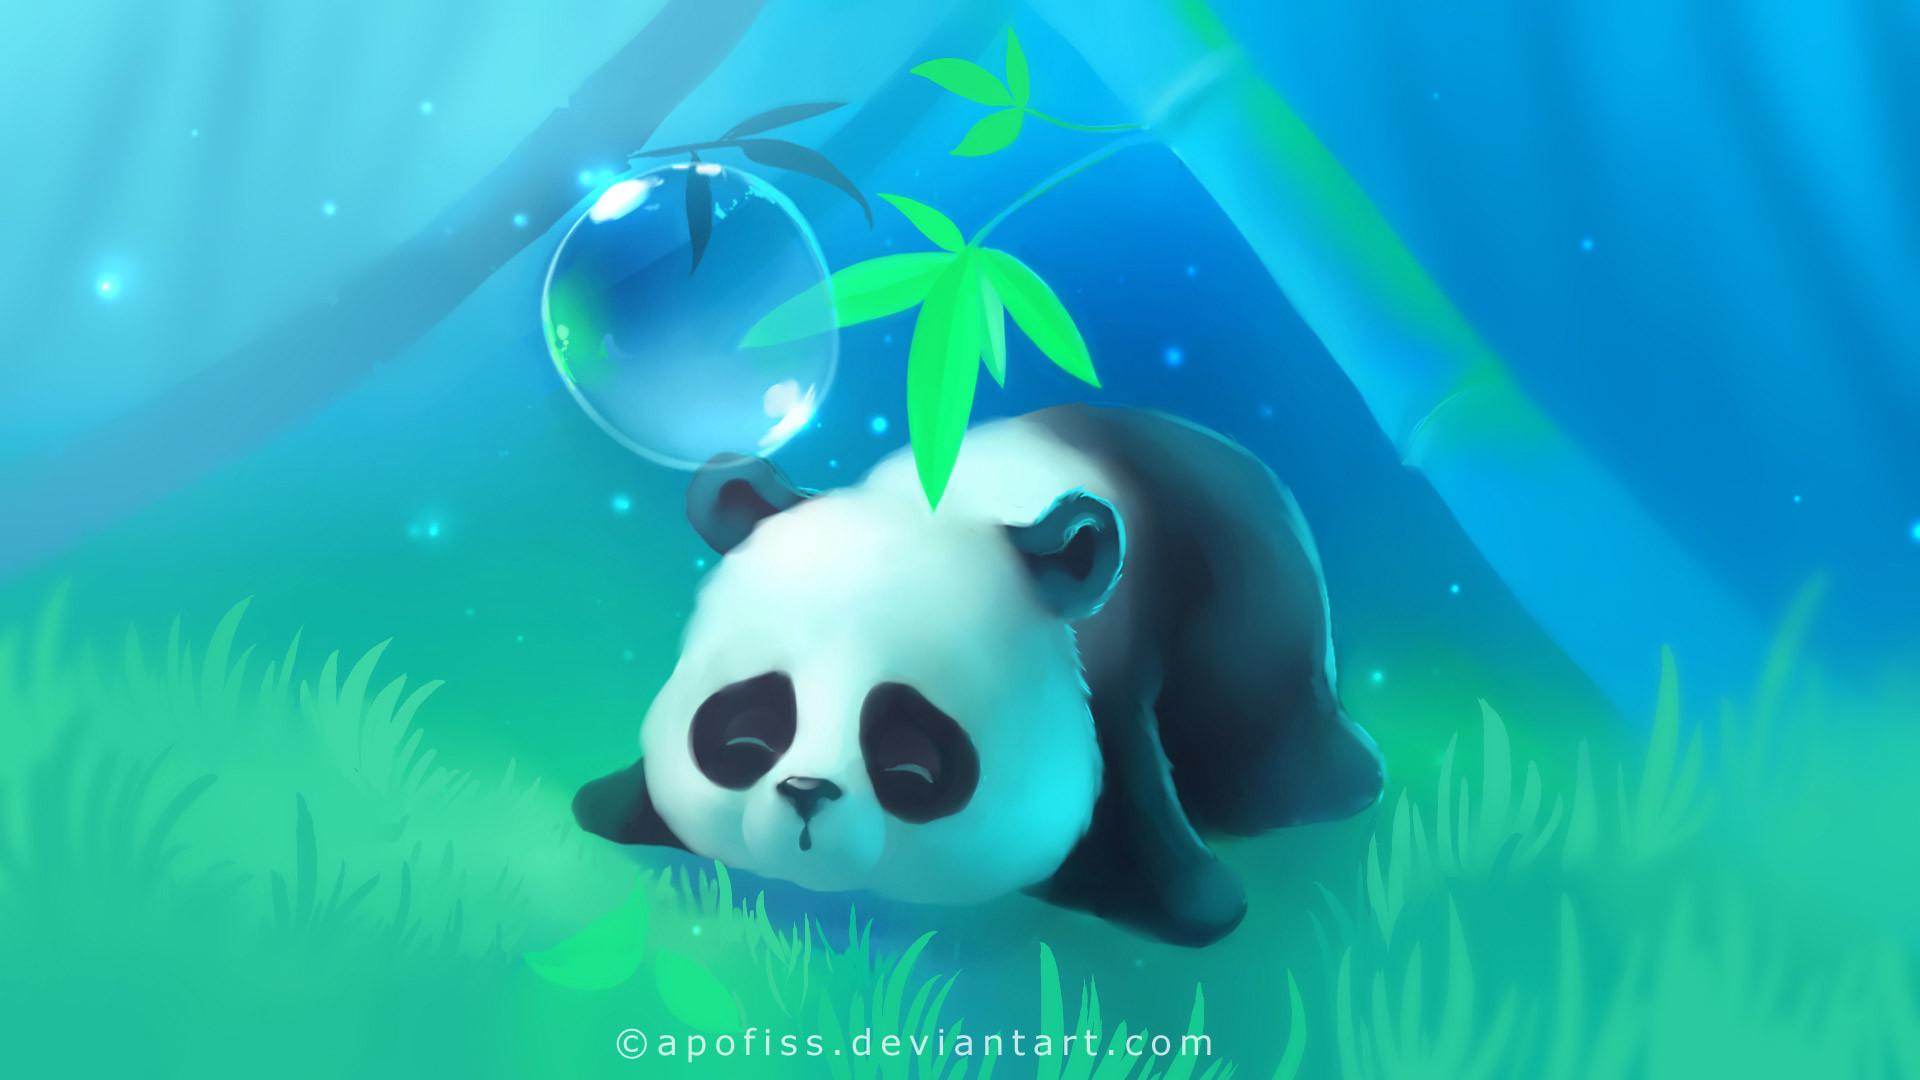 Cute Baby Panda Wallpapers (71 Wallpapers)